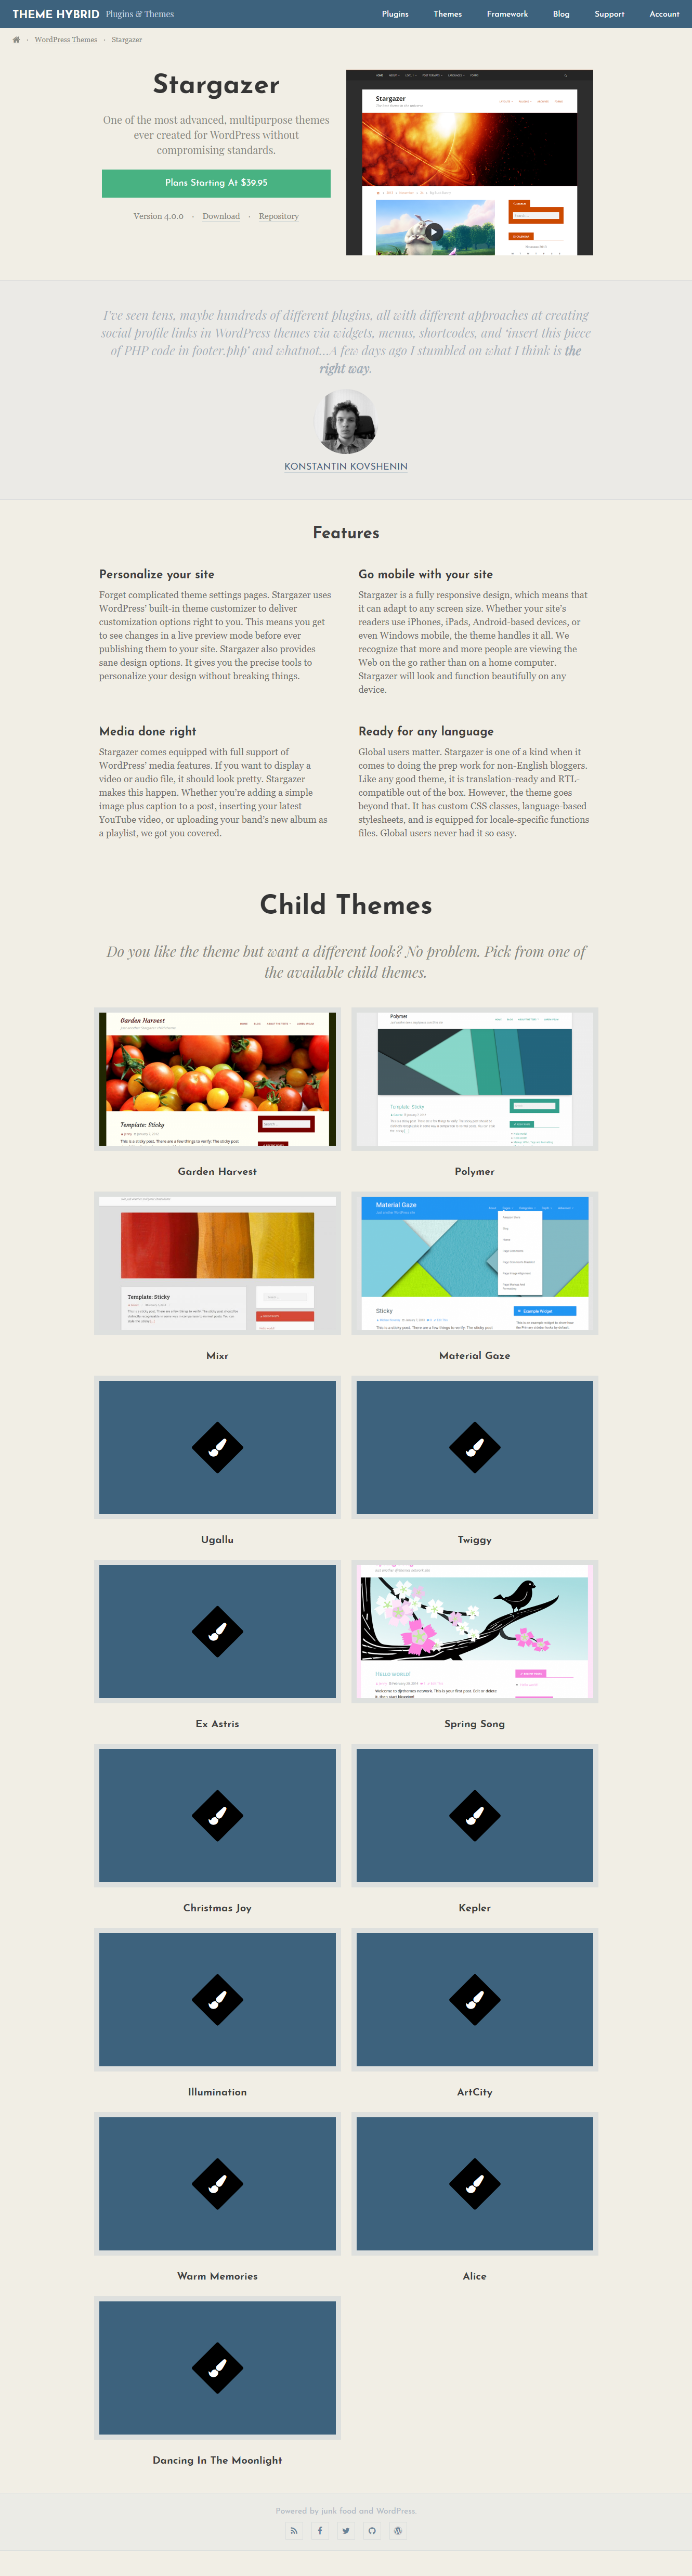 Stargazer: el mejor tema gratuito de WordPress para diseño de materiales